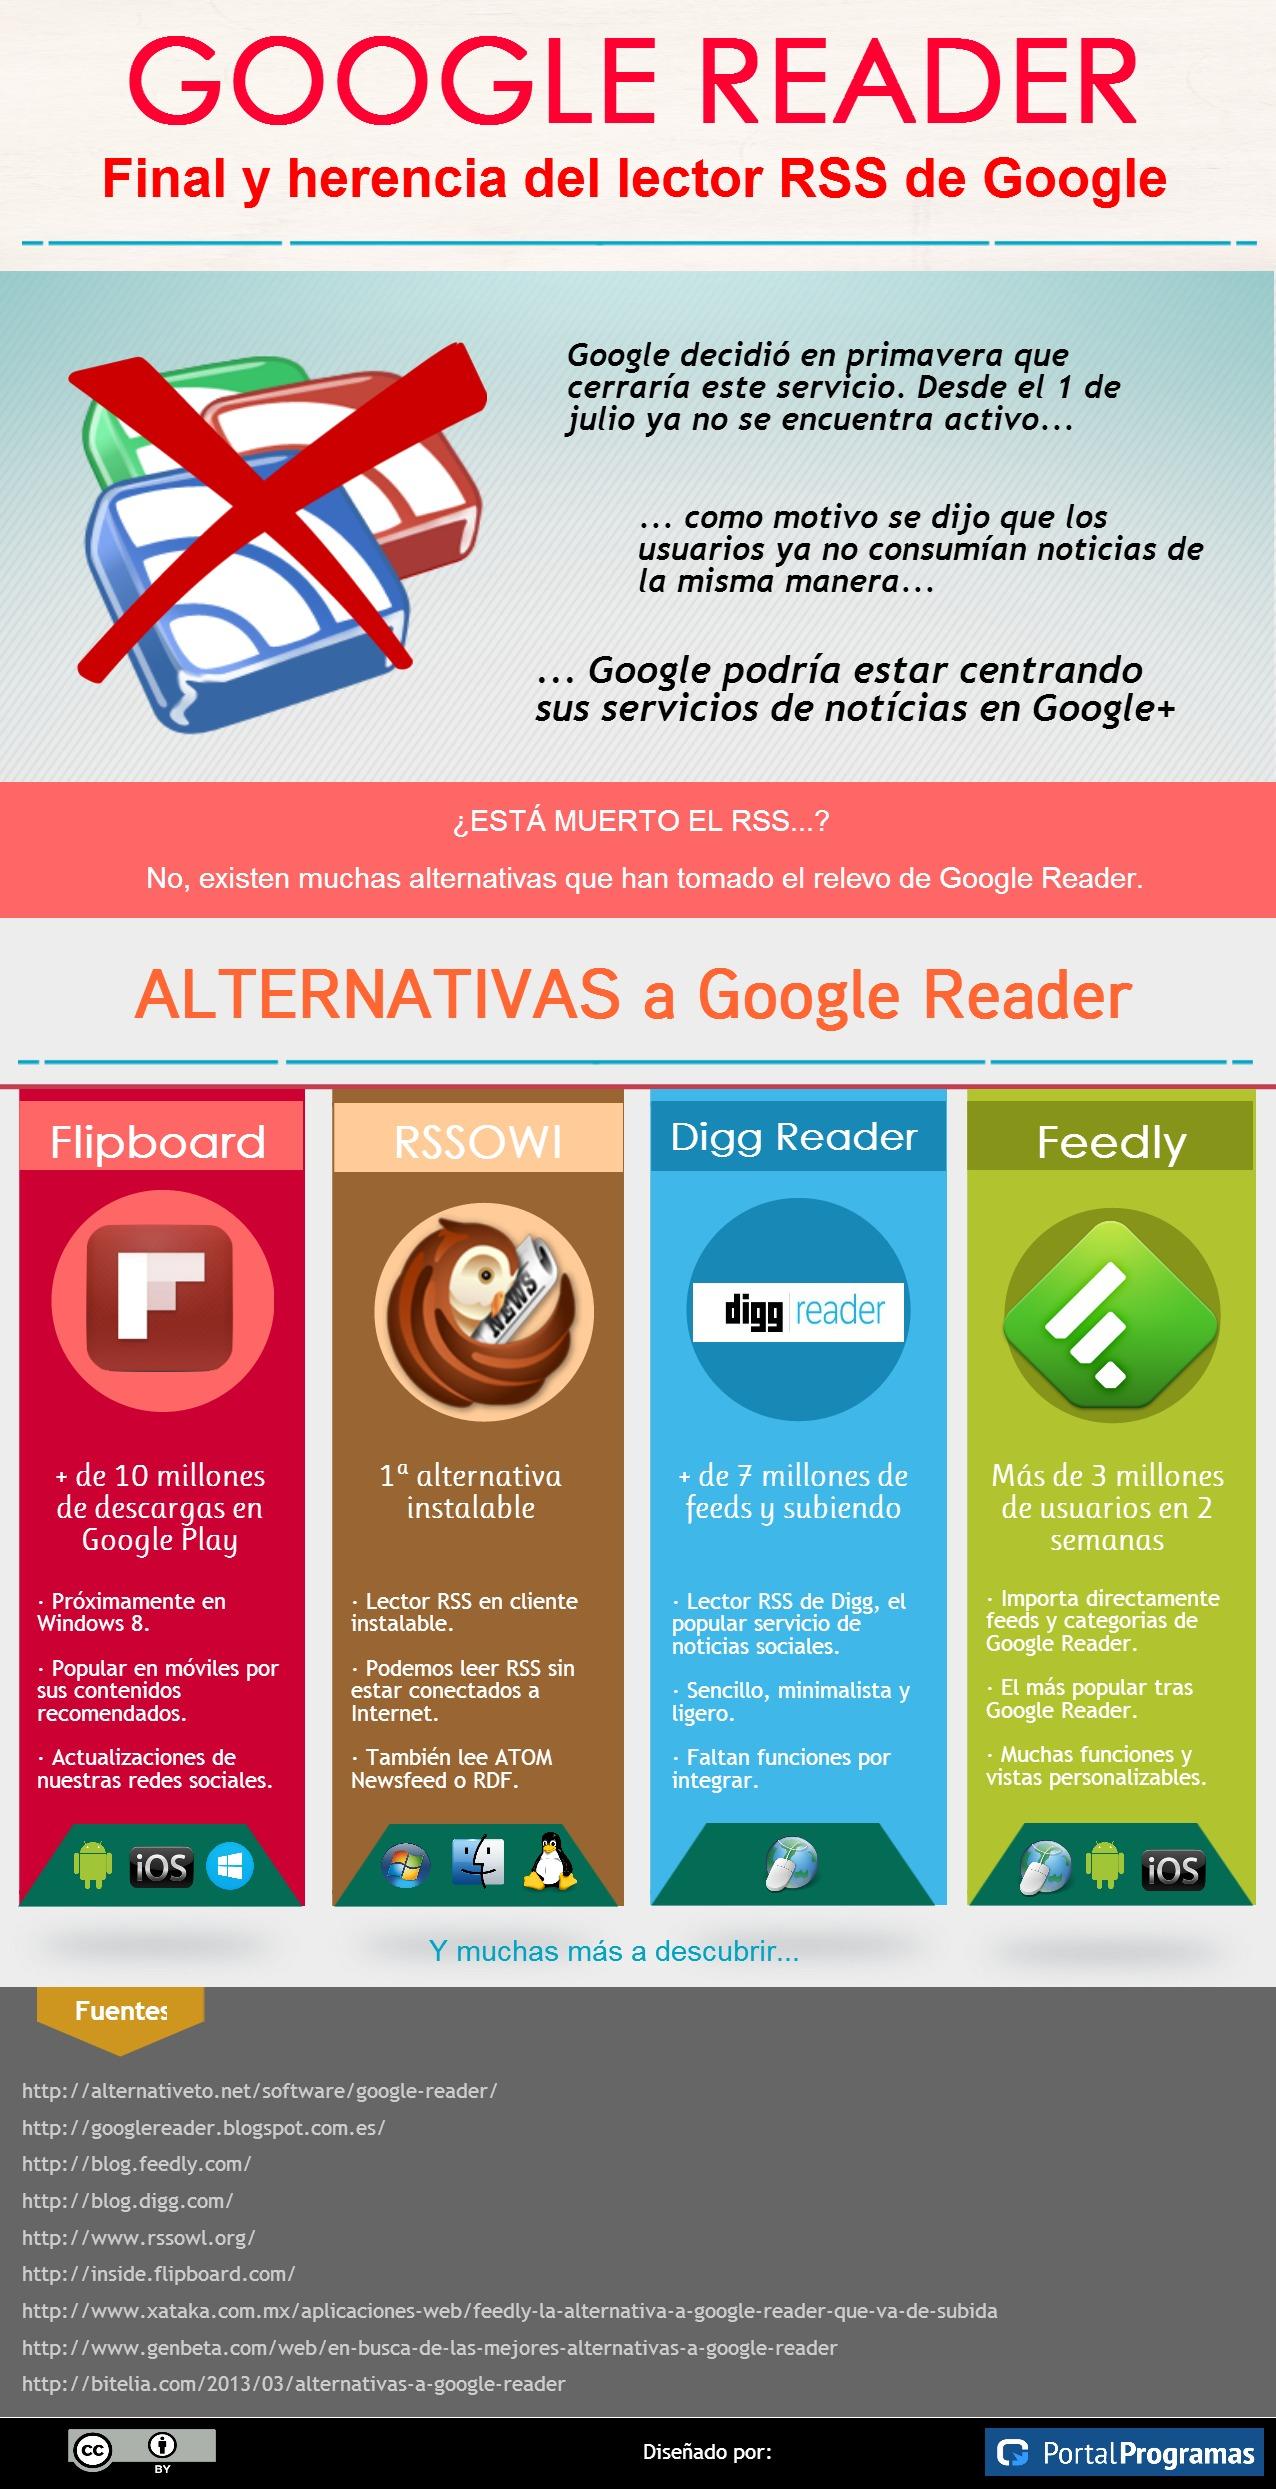 Final y alternativas a Google Reader